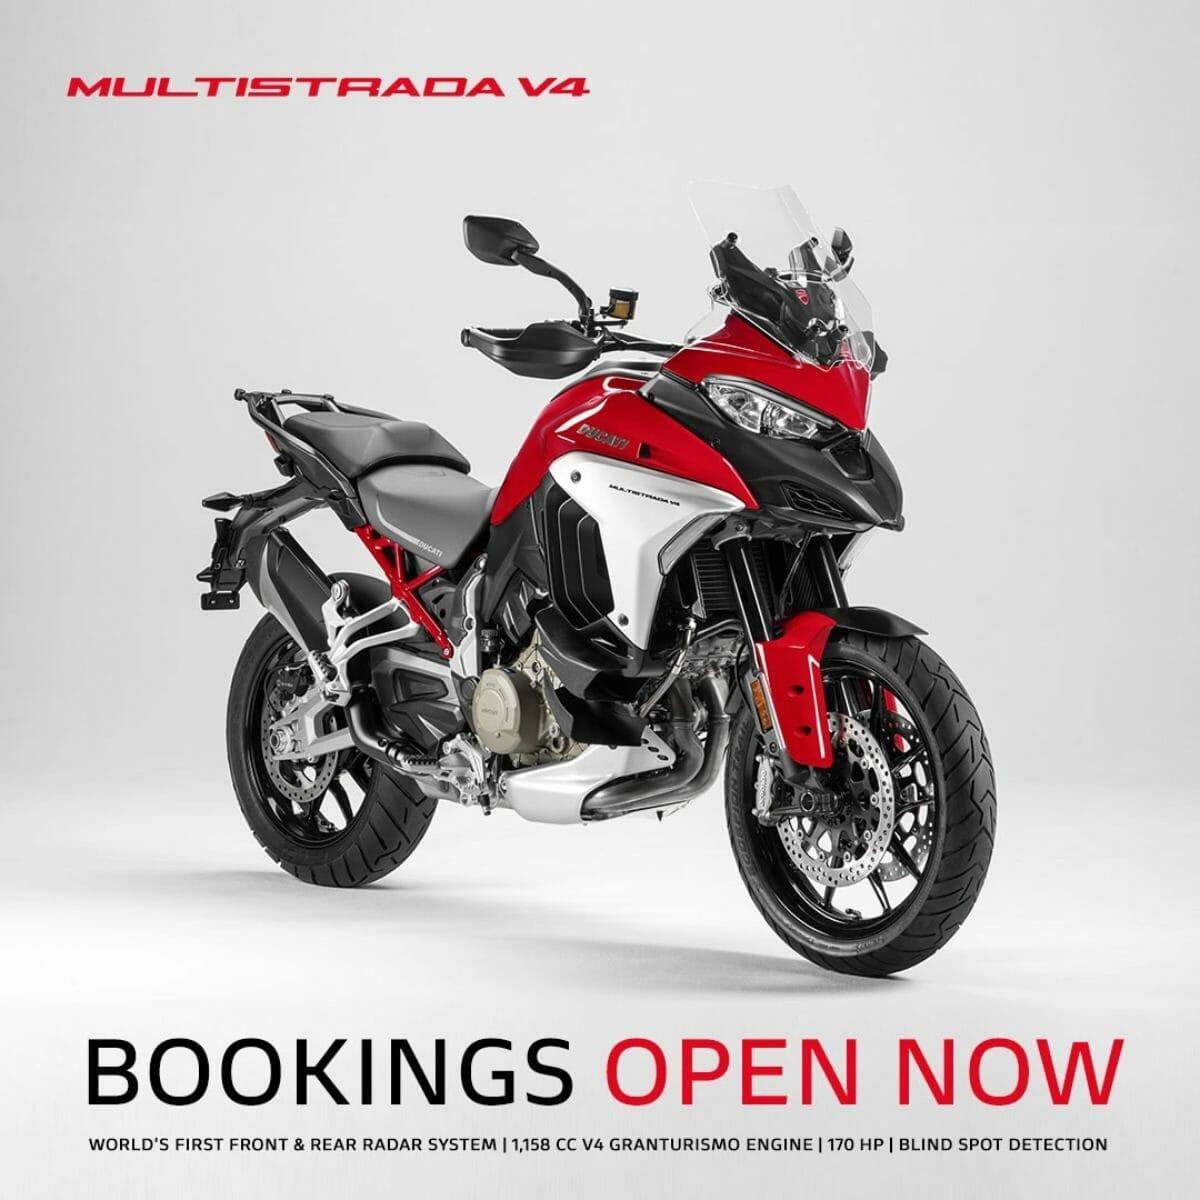 Ducati multistrada v4 bookings